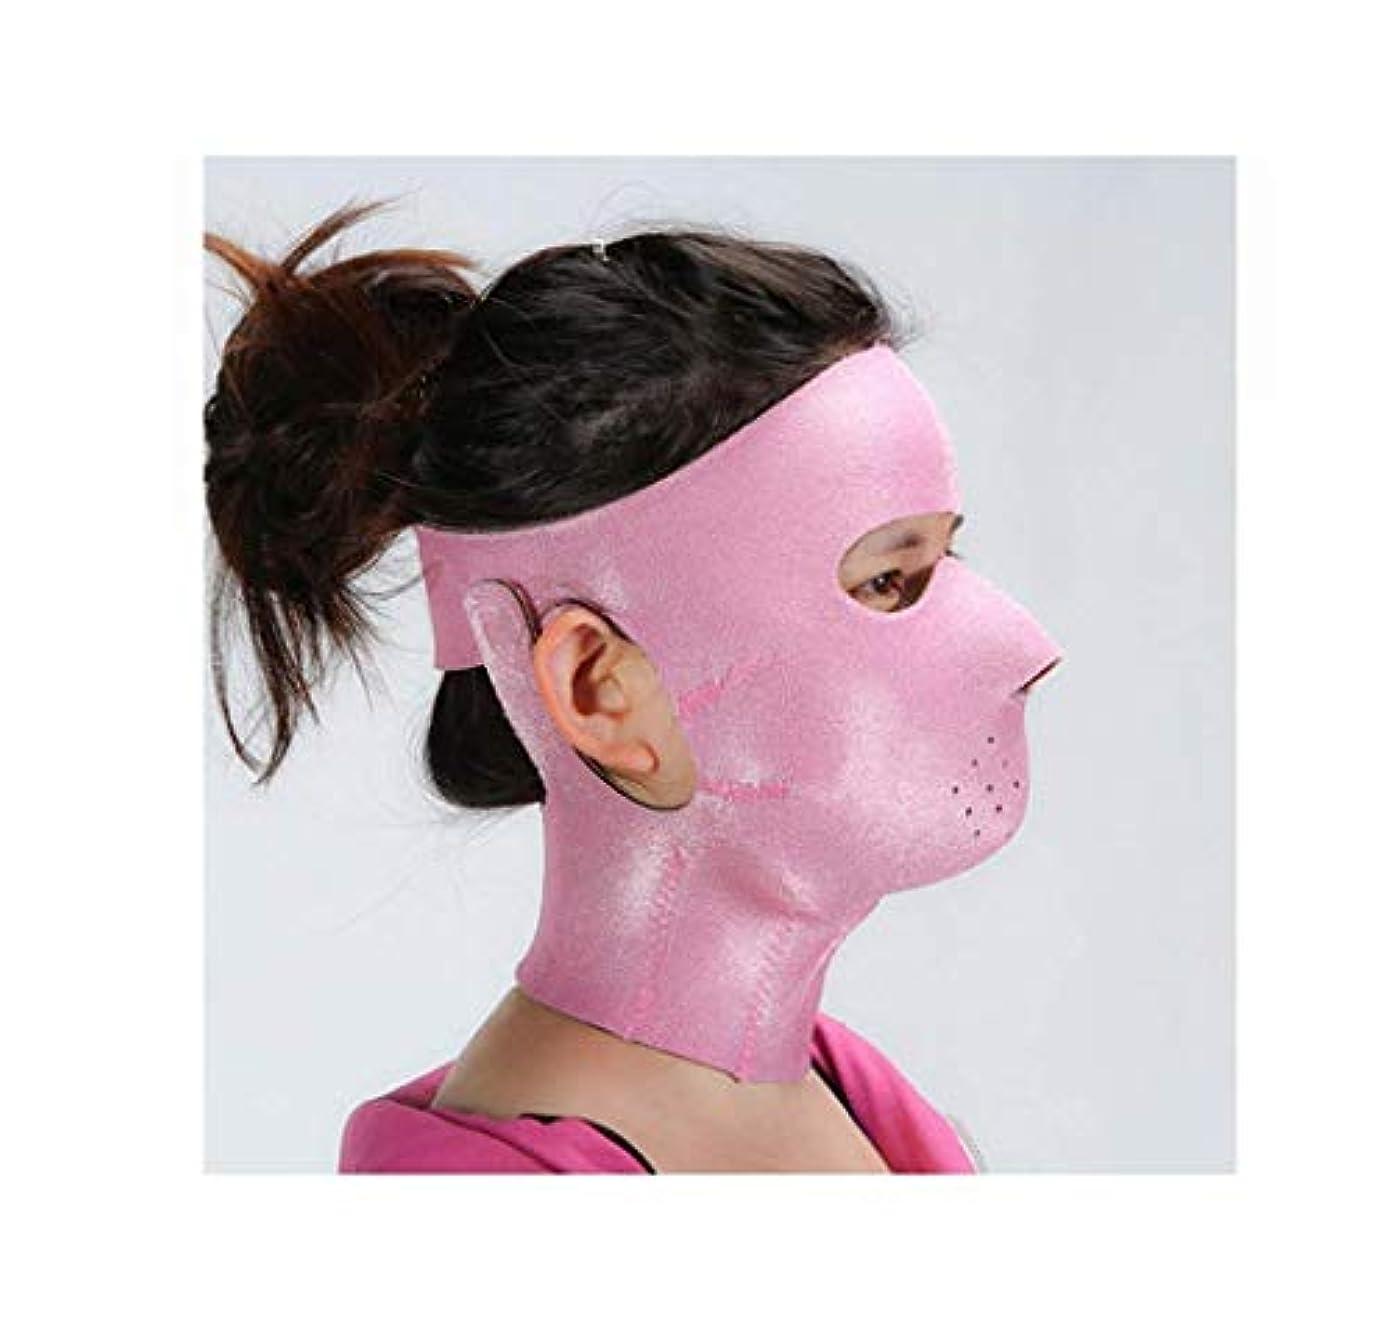 正確さ縁石着実にフェイスリフトマスク、フェイシャルマスクプラス薄いフェイスマスクタイトなたるみの薄いフェイスマスクフェイシャル薄いフェイスマスクアーティファクトビューティーネックストラップ付き